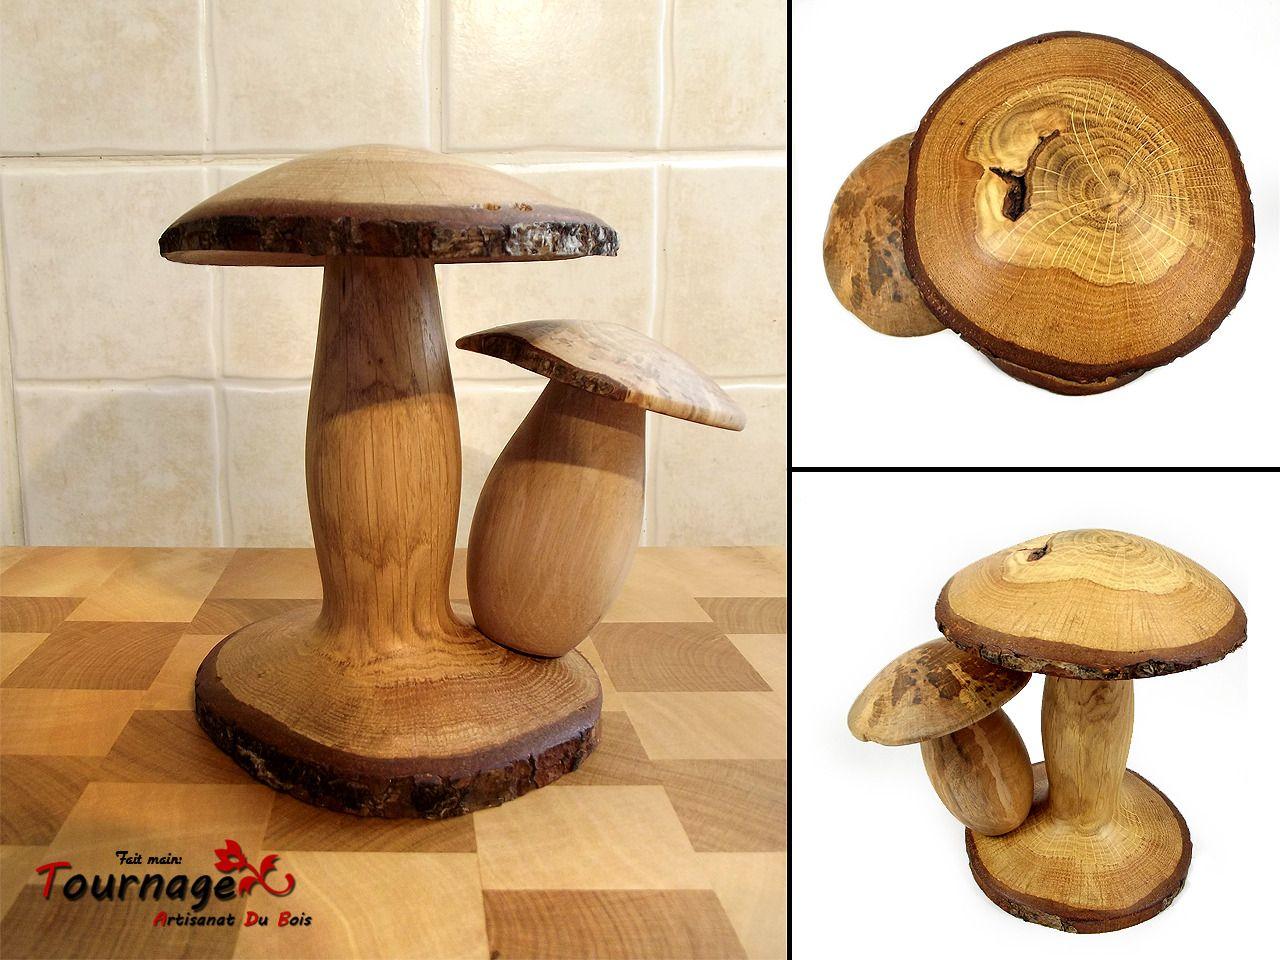 deux champignons en bois de ch ne sur un stand bois de ch ne tournage et champignon. Black Bedroom Furniture Sets. Home Design Ideas